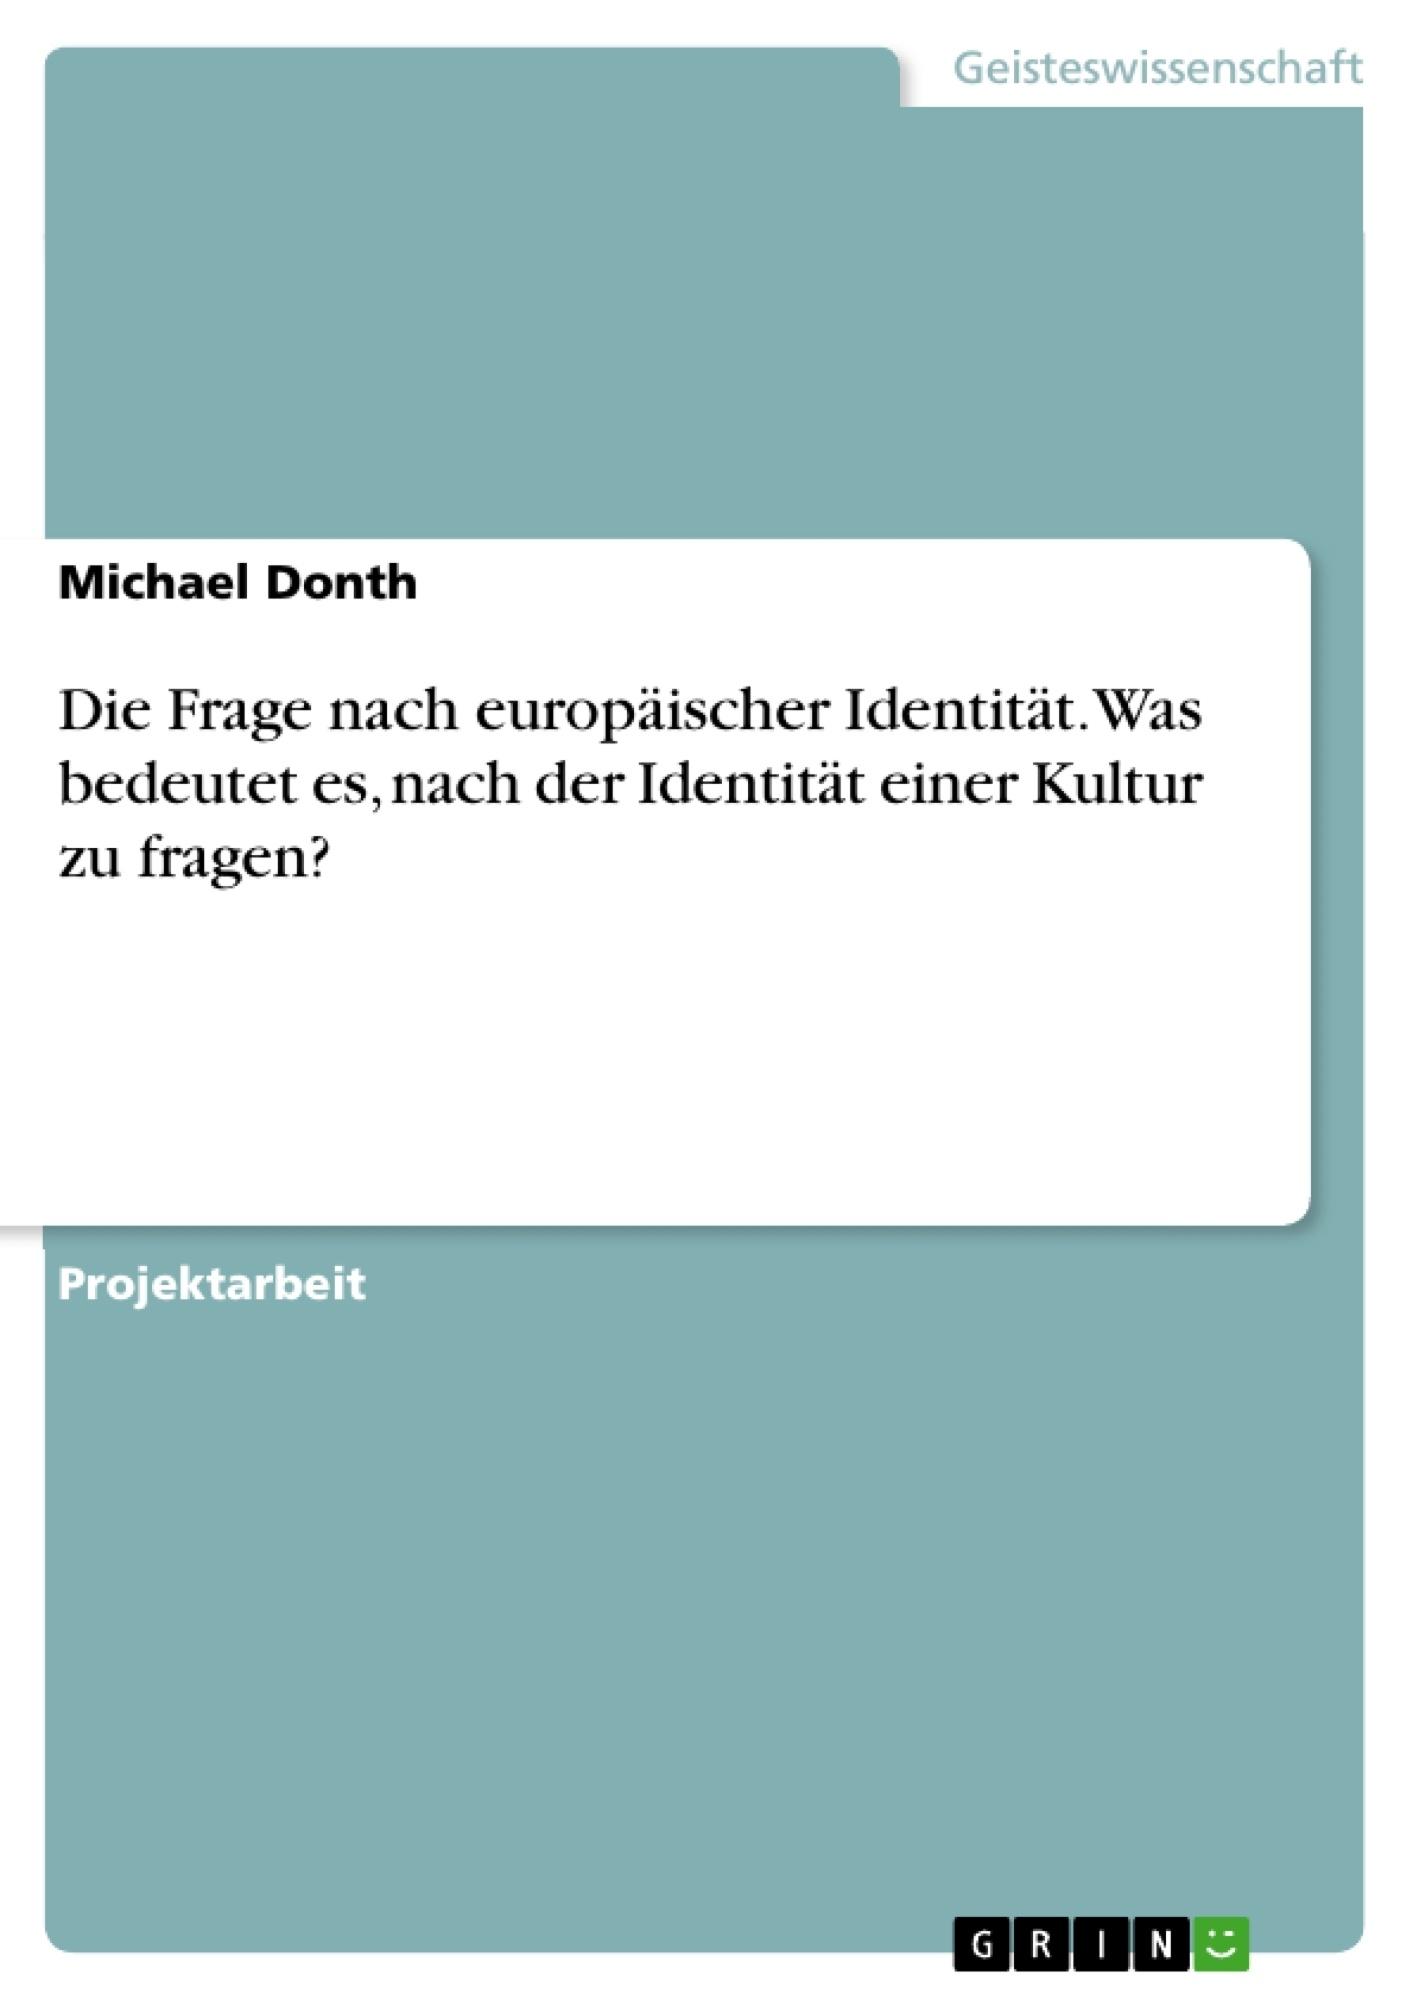 Titel: Die Frage nach europäischer Identität. Was bedeutet es, nach der Identität einer Kultur zu fragen?